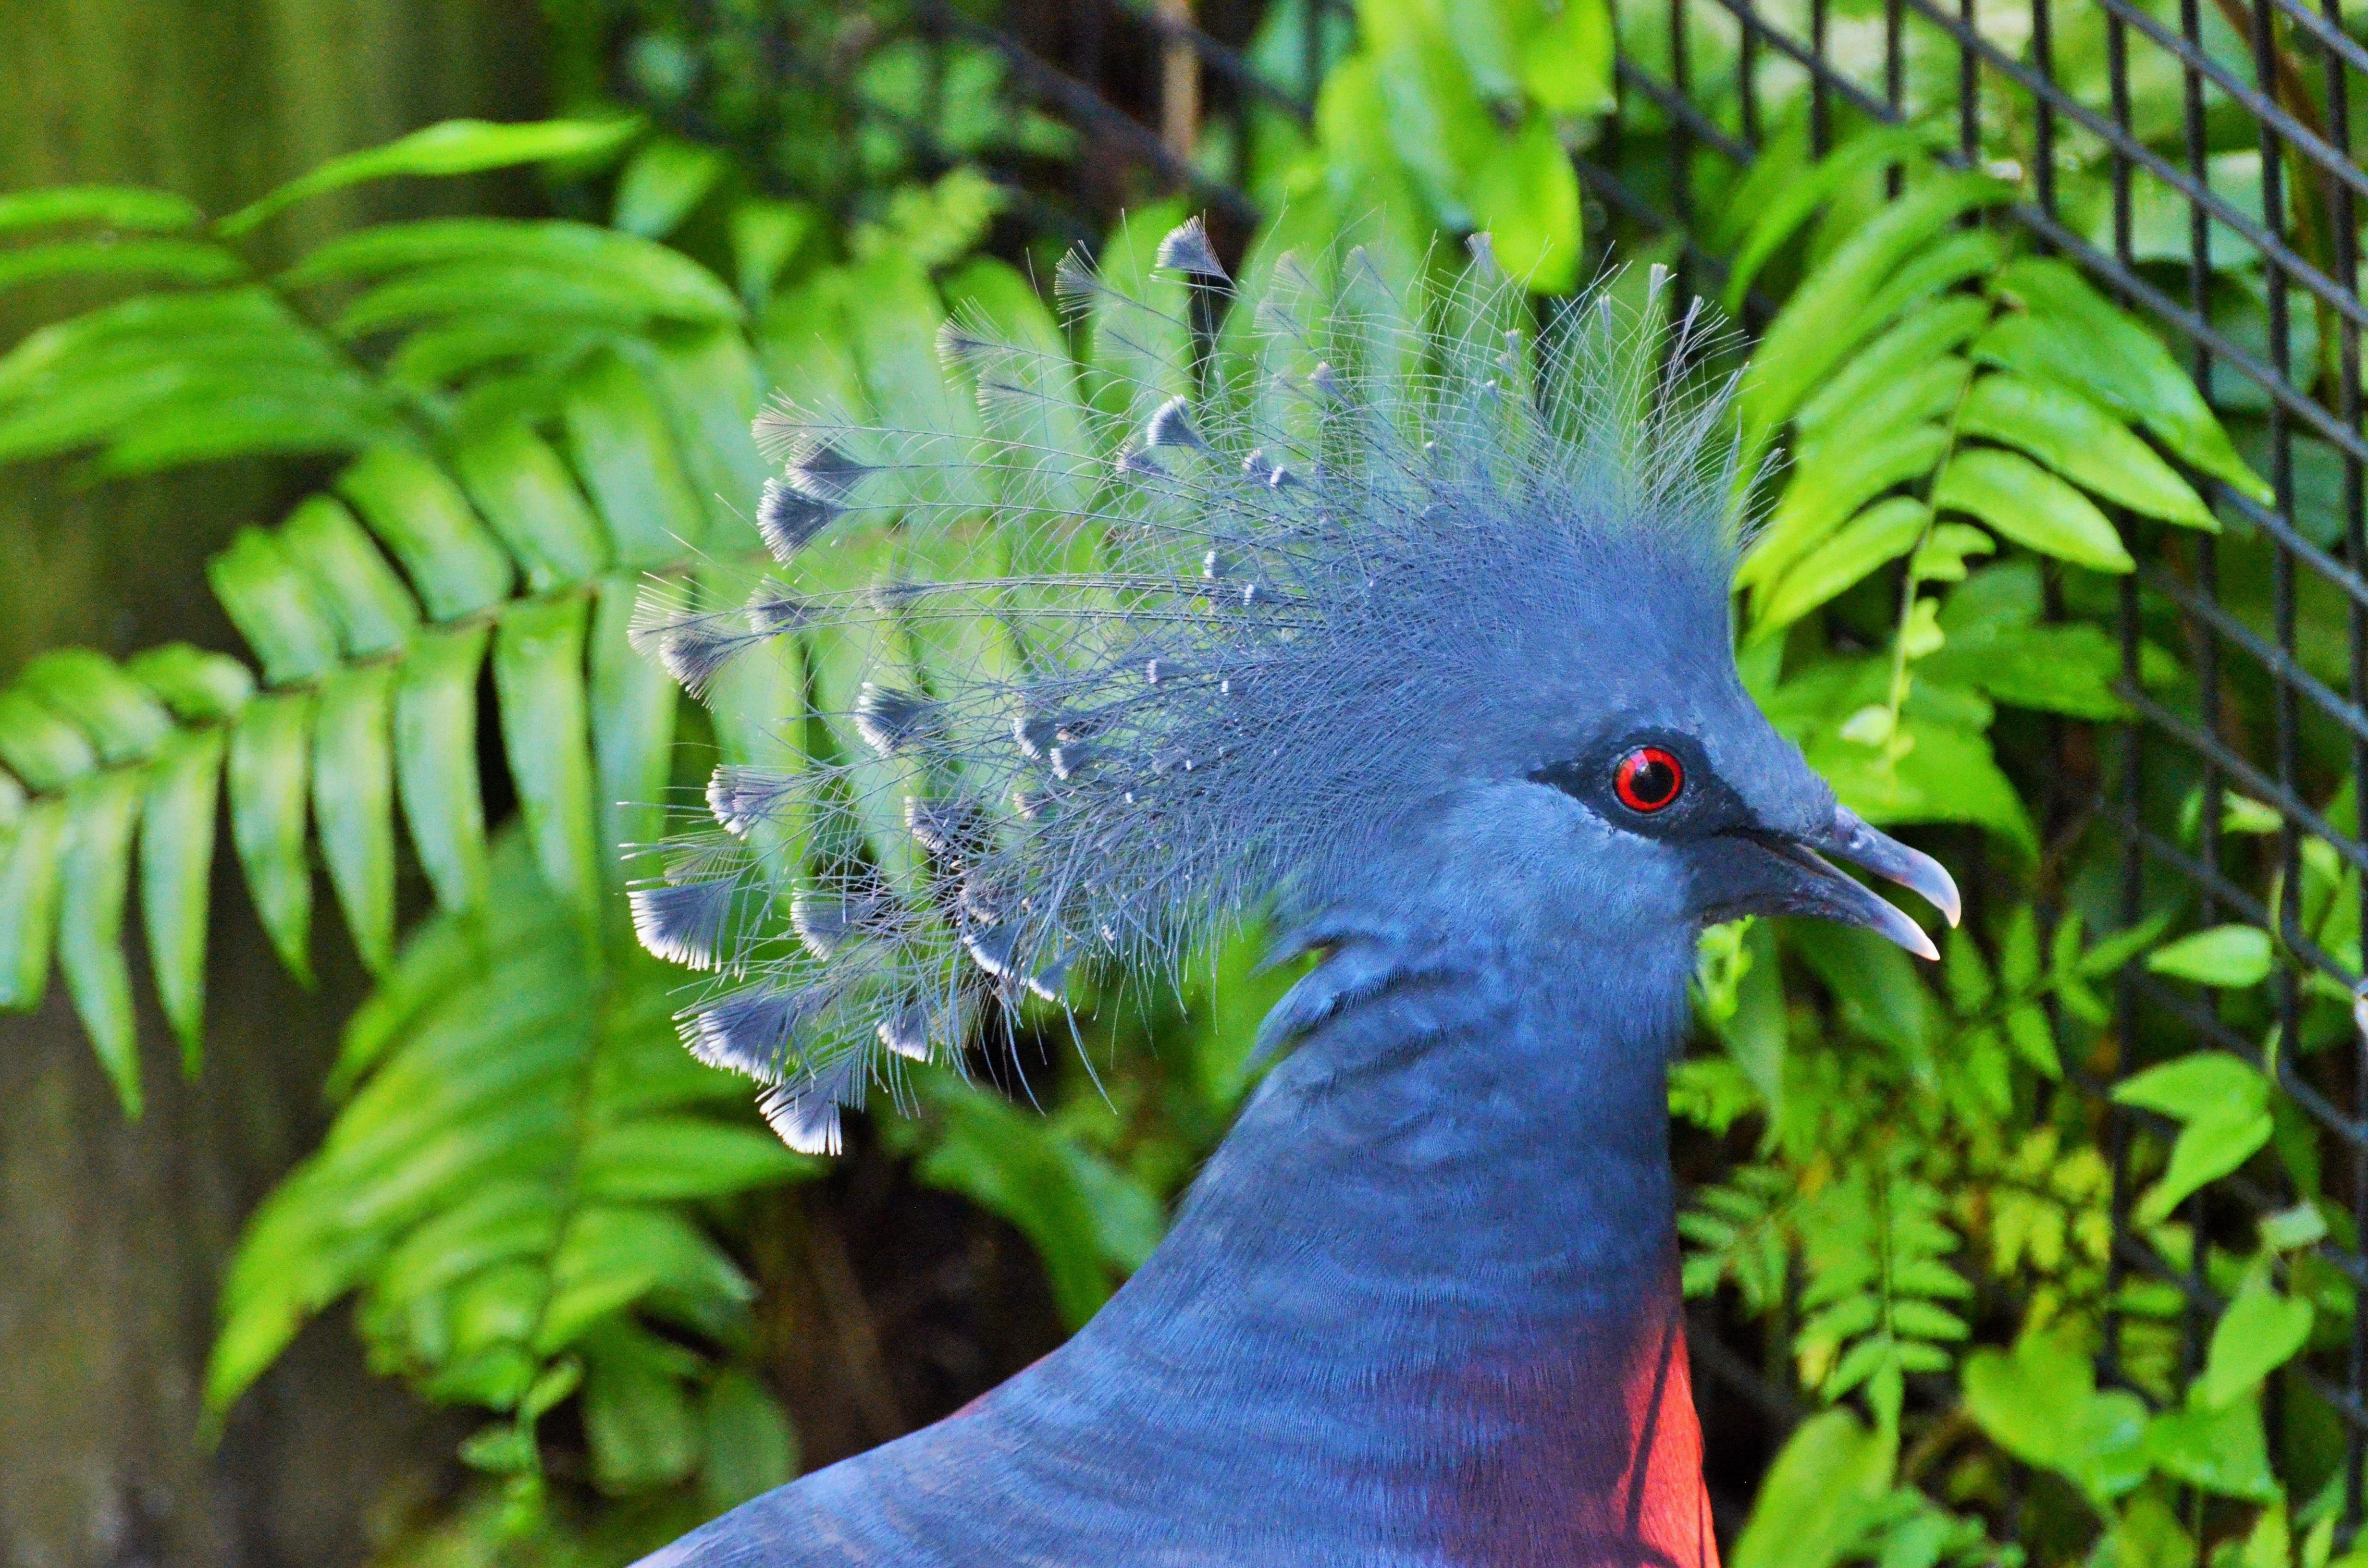 συλλογή από μεγάλο πουλί